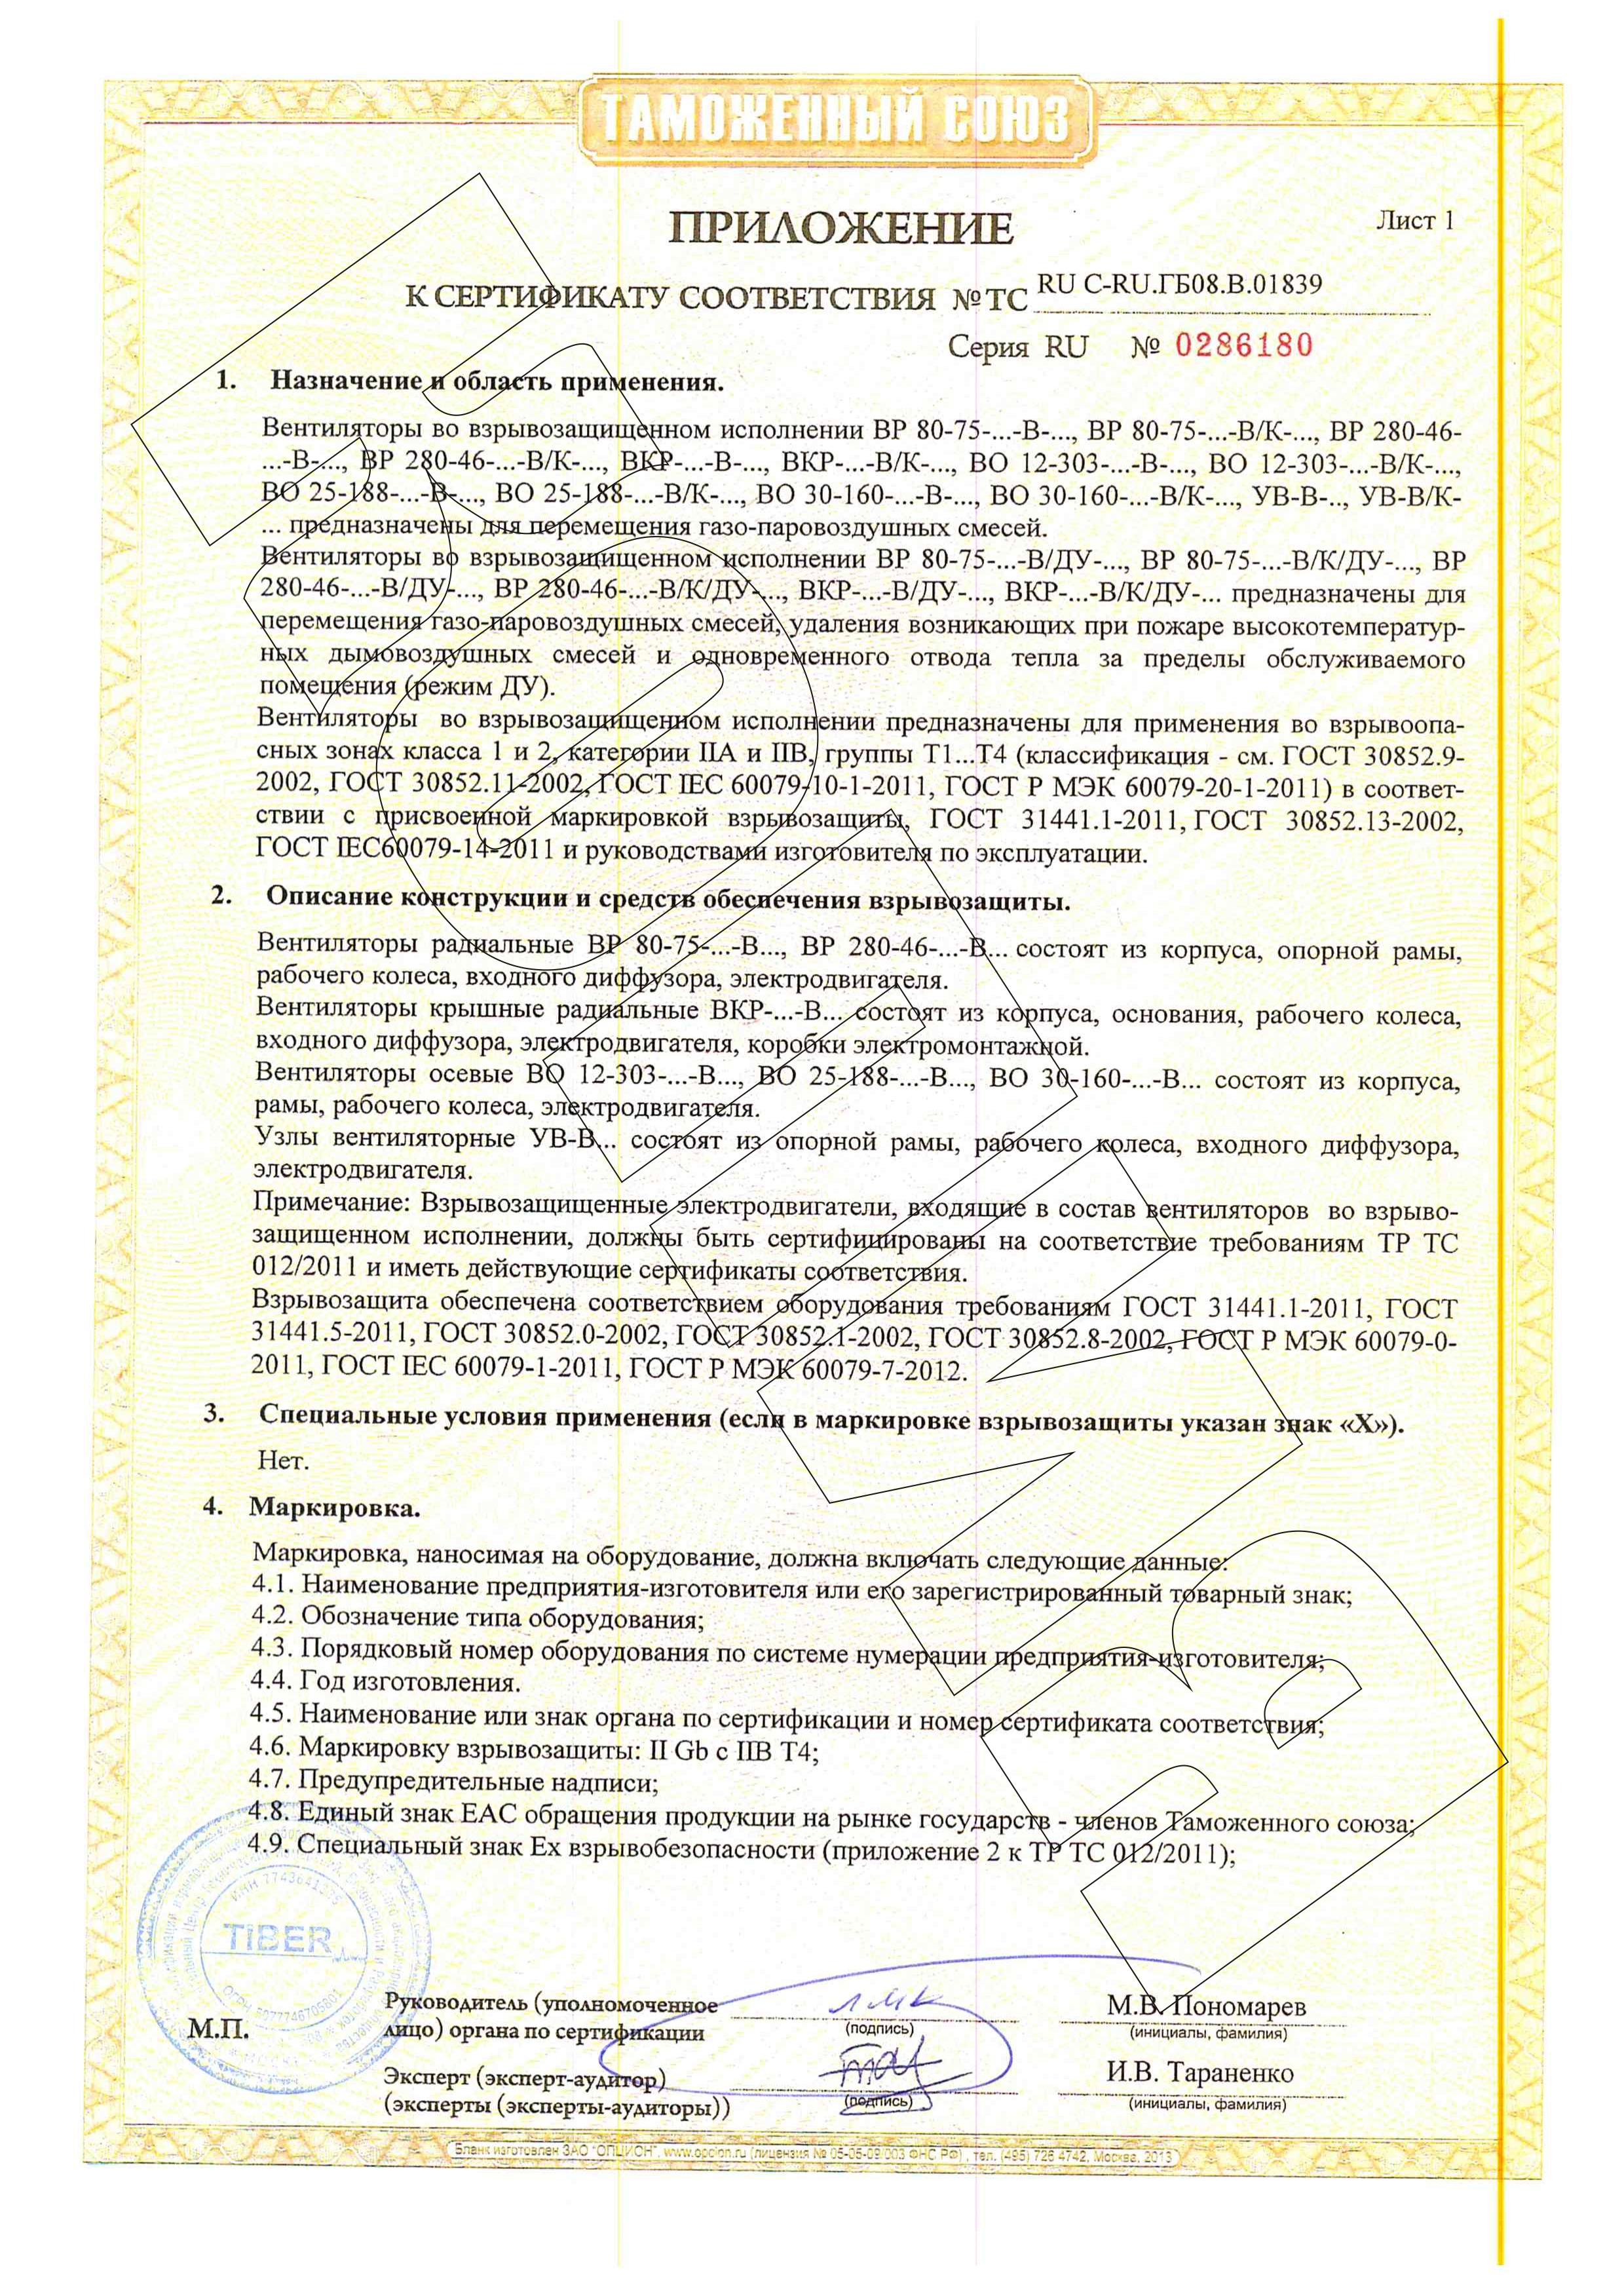 сертификат соответствия в рб бланк